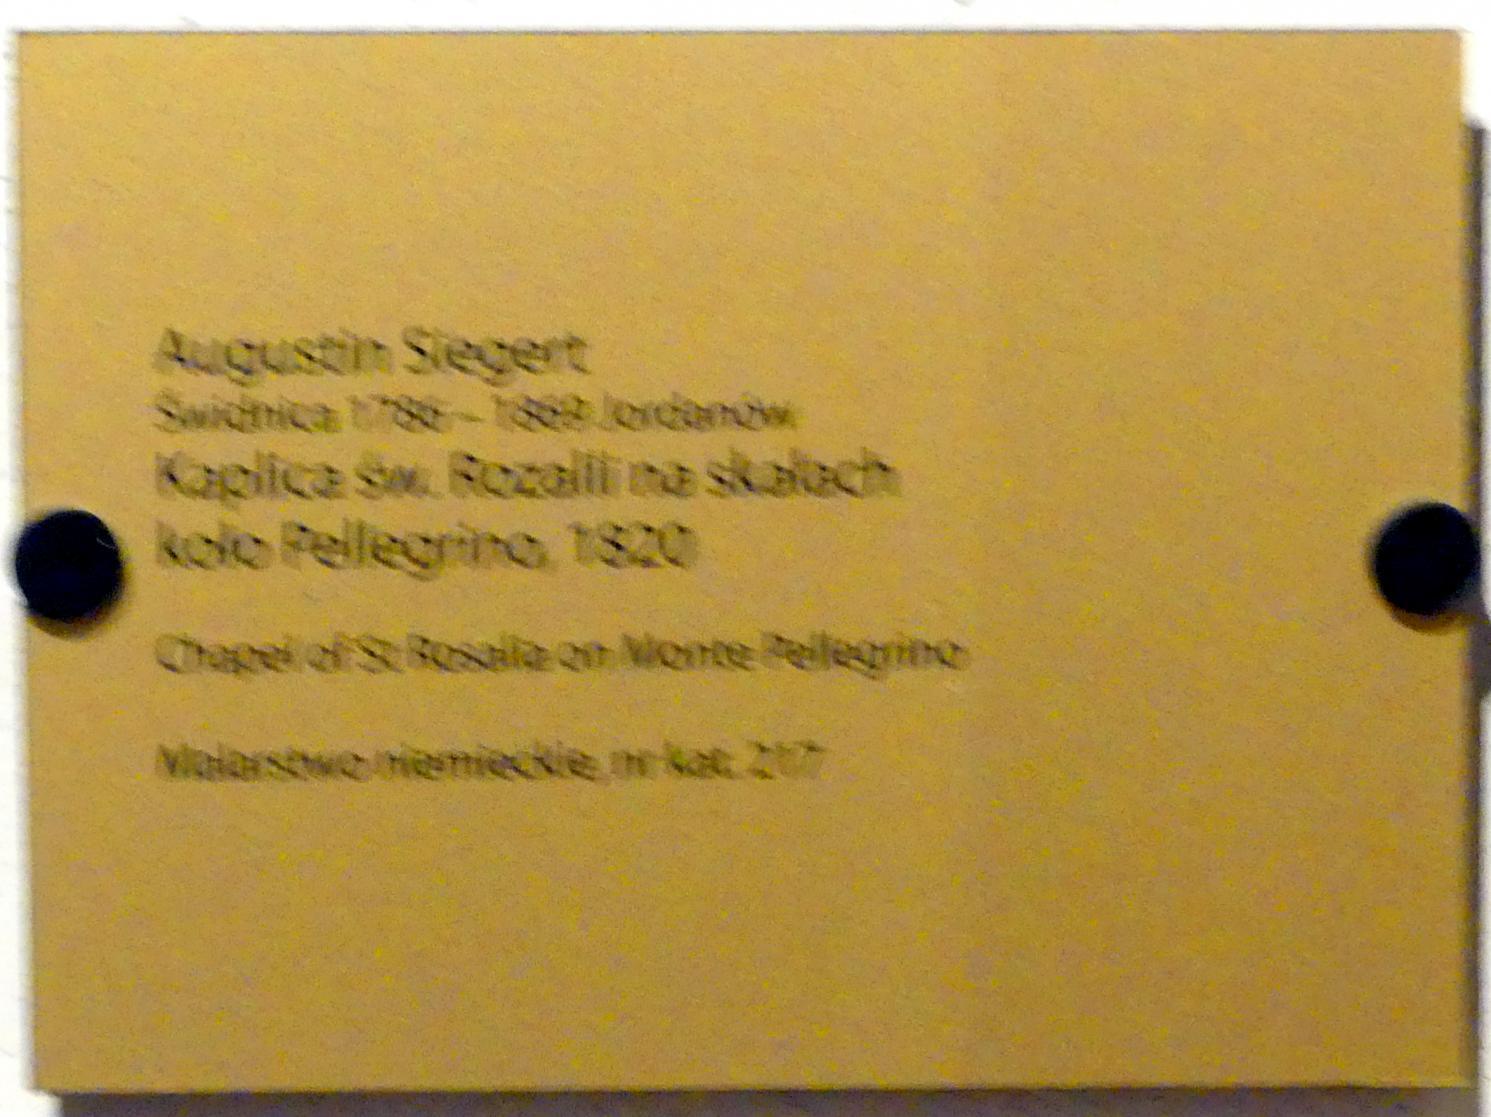 Augustin Siegert: Kapelle der Heiligen Rosalia auf dem Monte Pellegrino, 1820, Bild 2/2